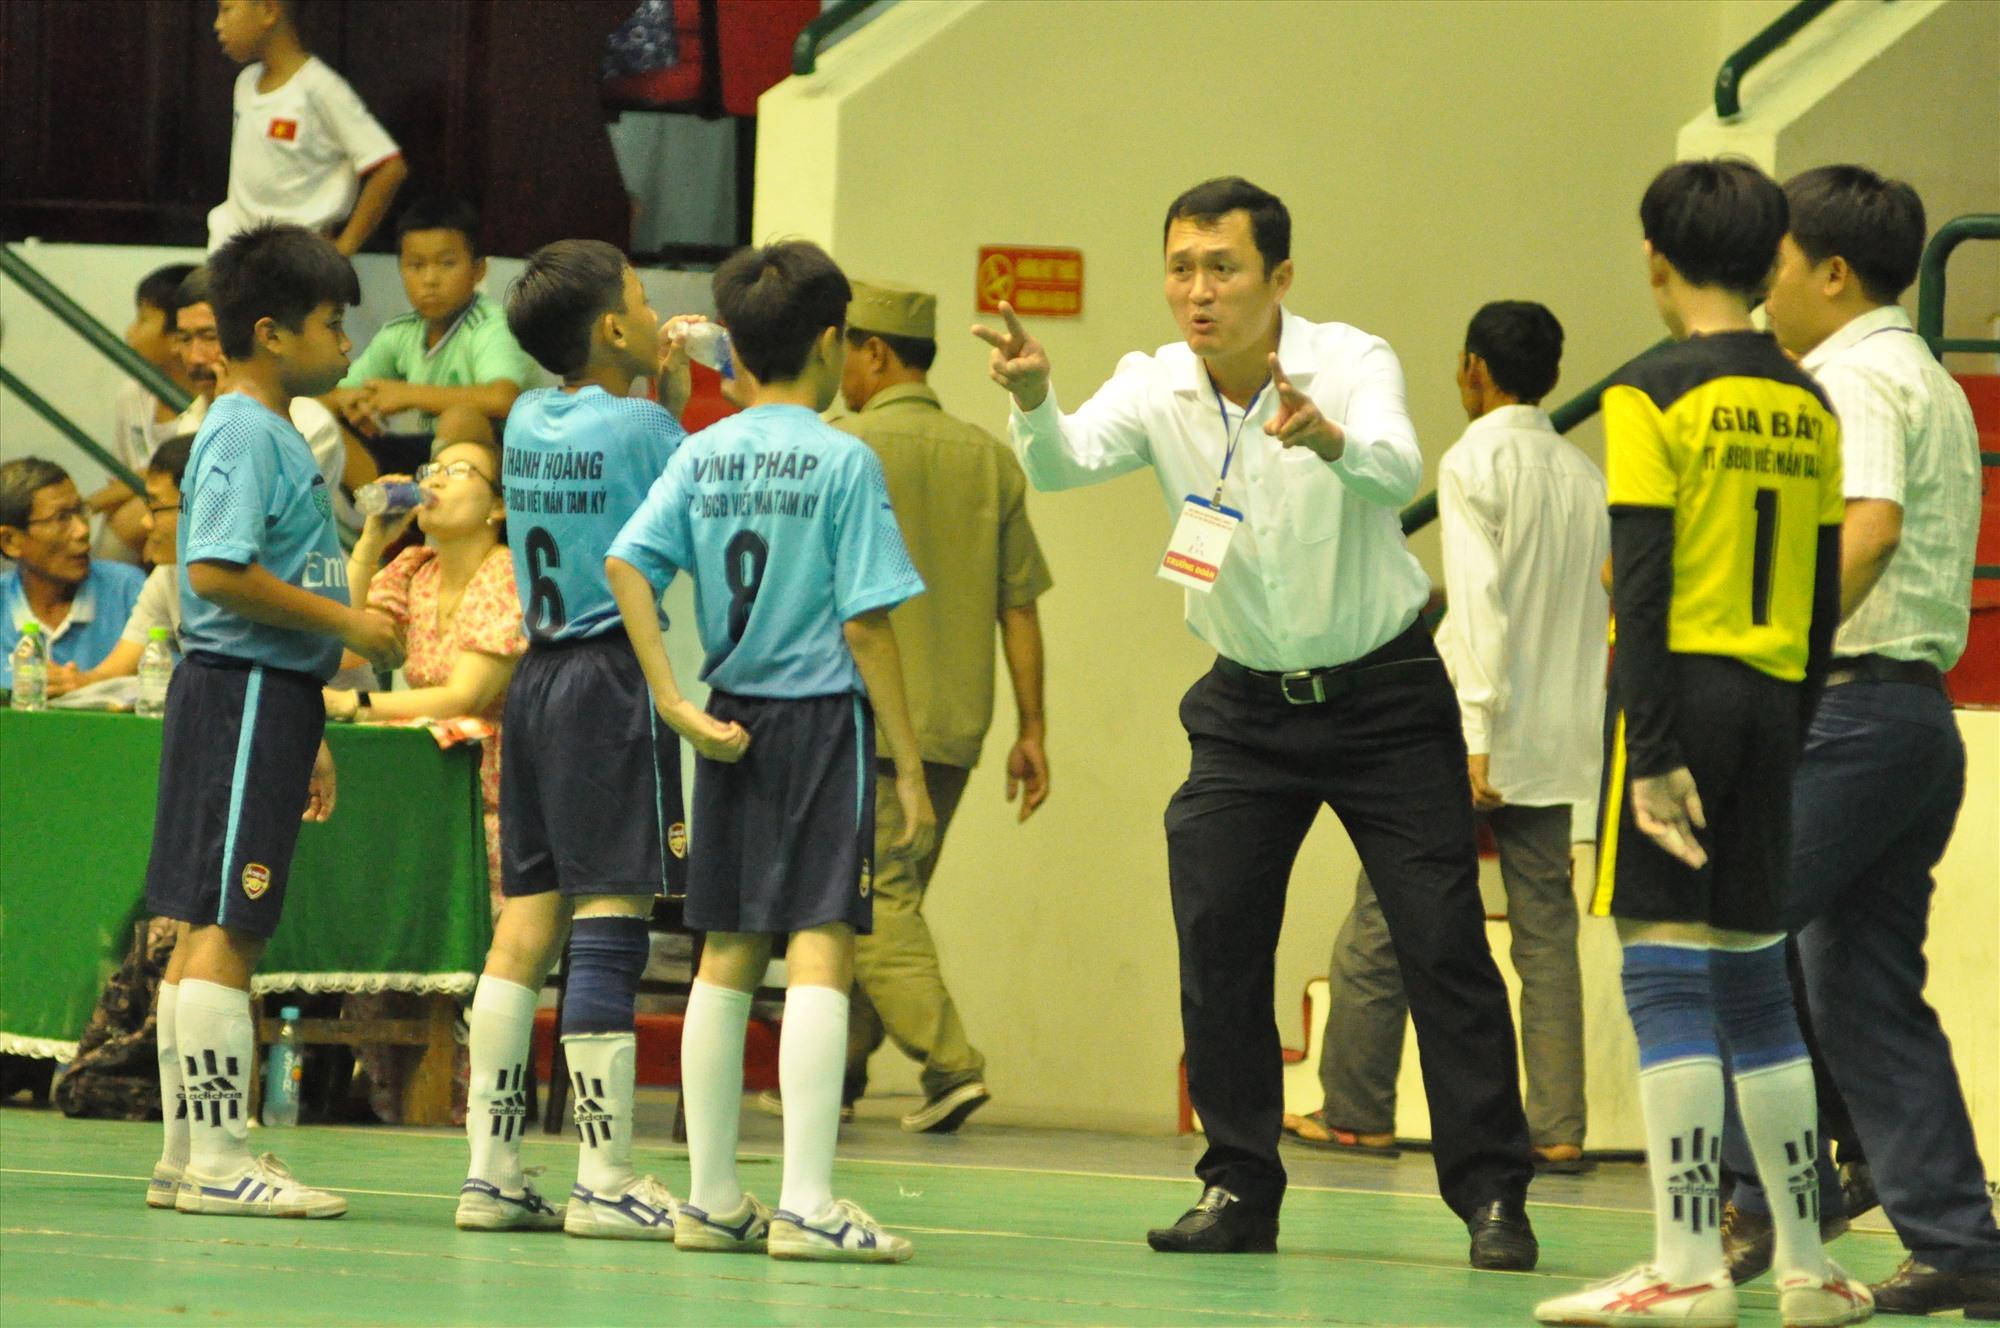 Cựu cầu thủ đội Quảng Nam Mai Hữu Toàn chỉ đạo đội Tam Kỳ 2. Ảnh: X.P